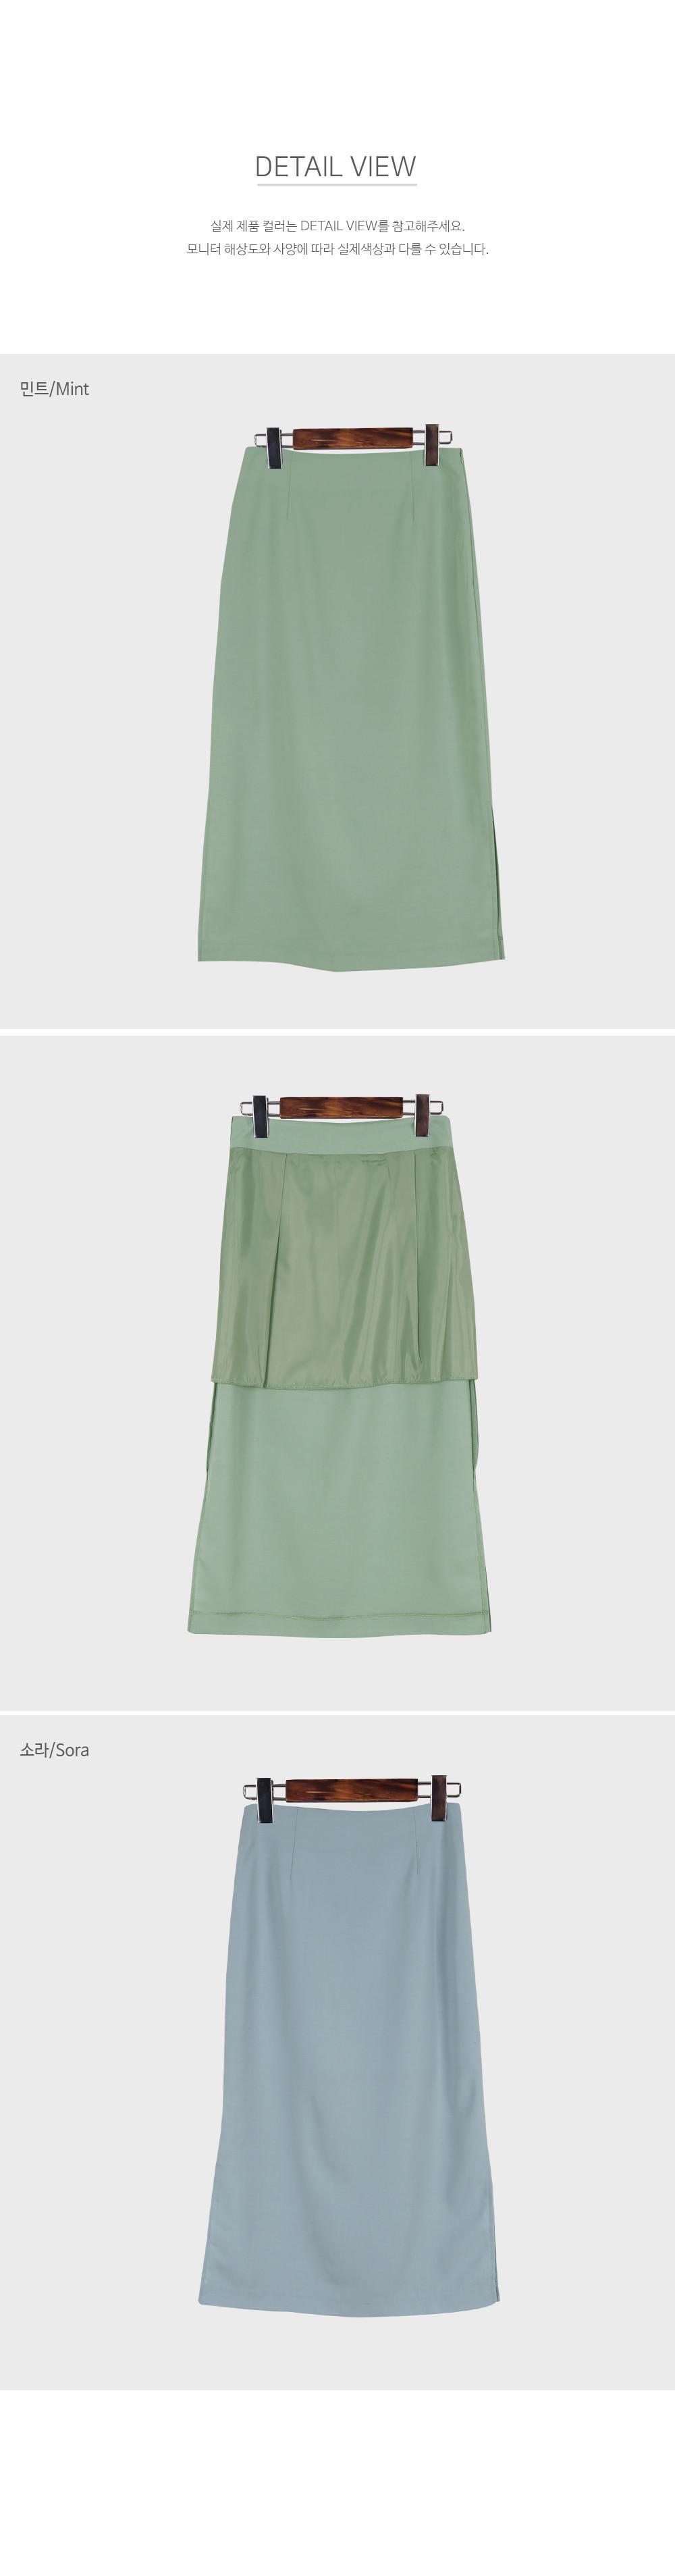 Stretch H Line Skirt-holiholic.com